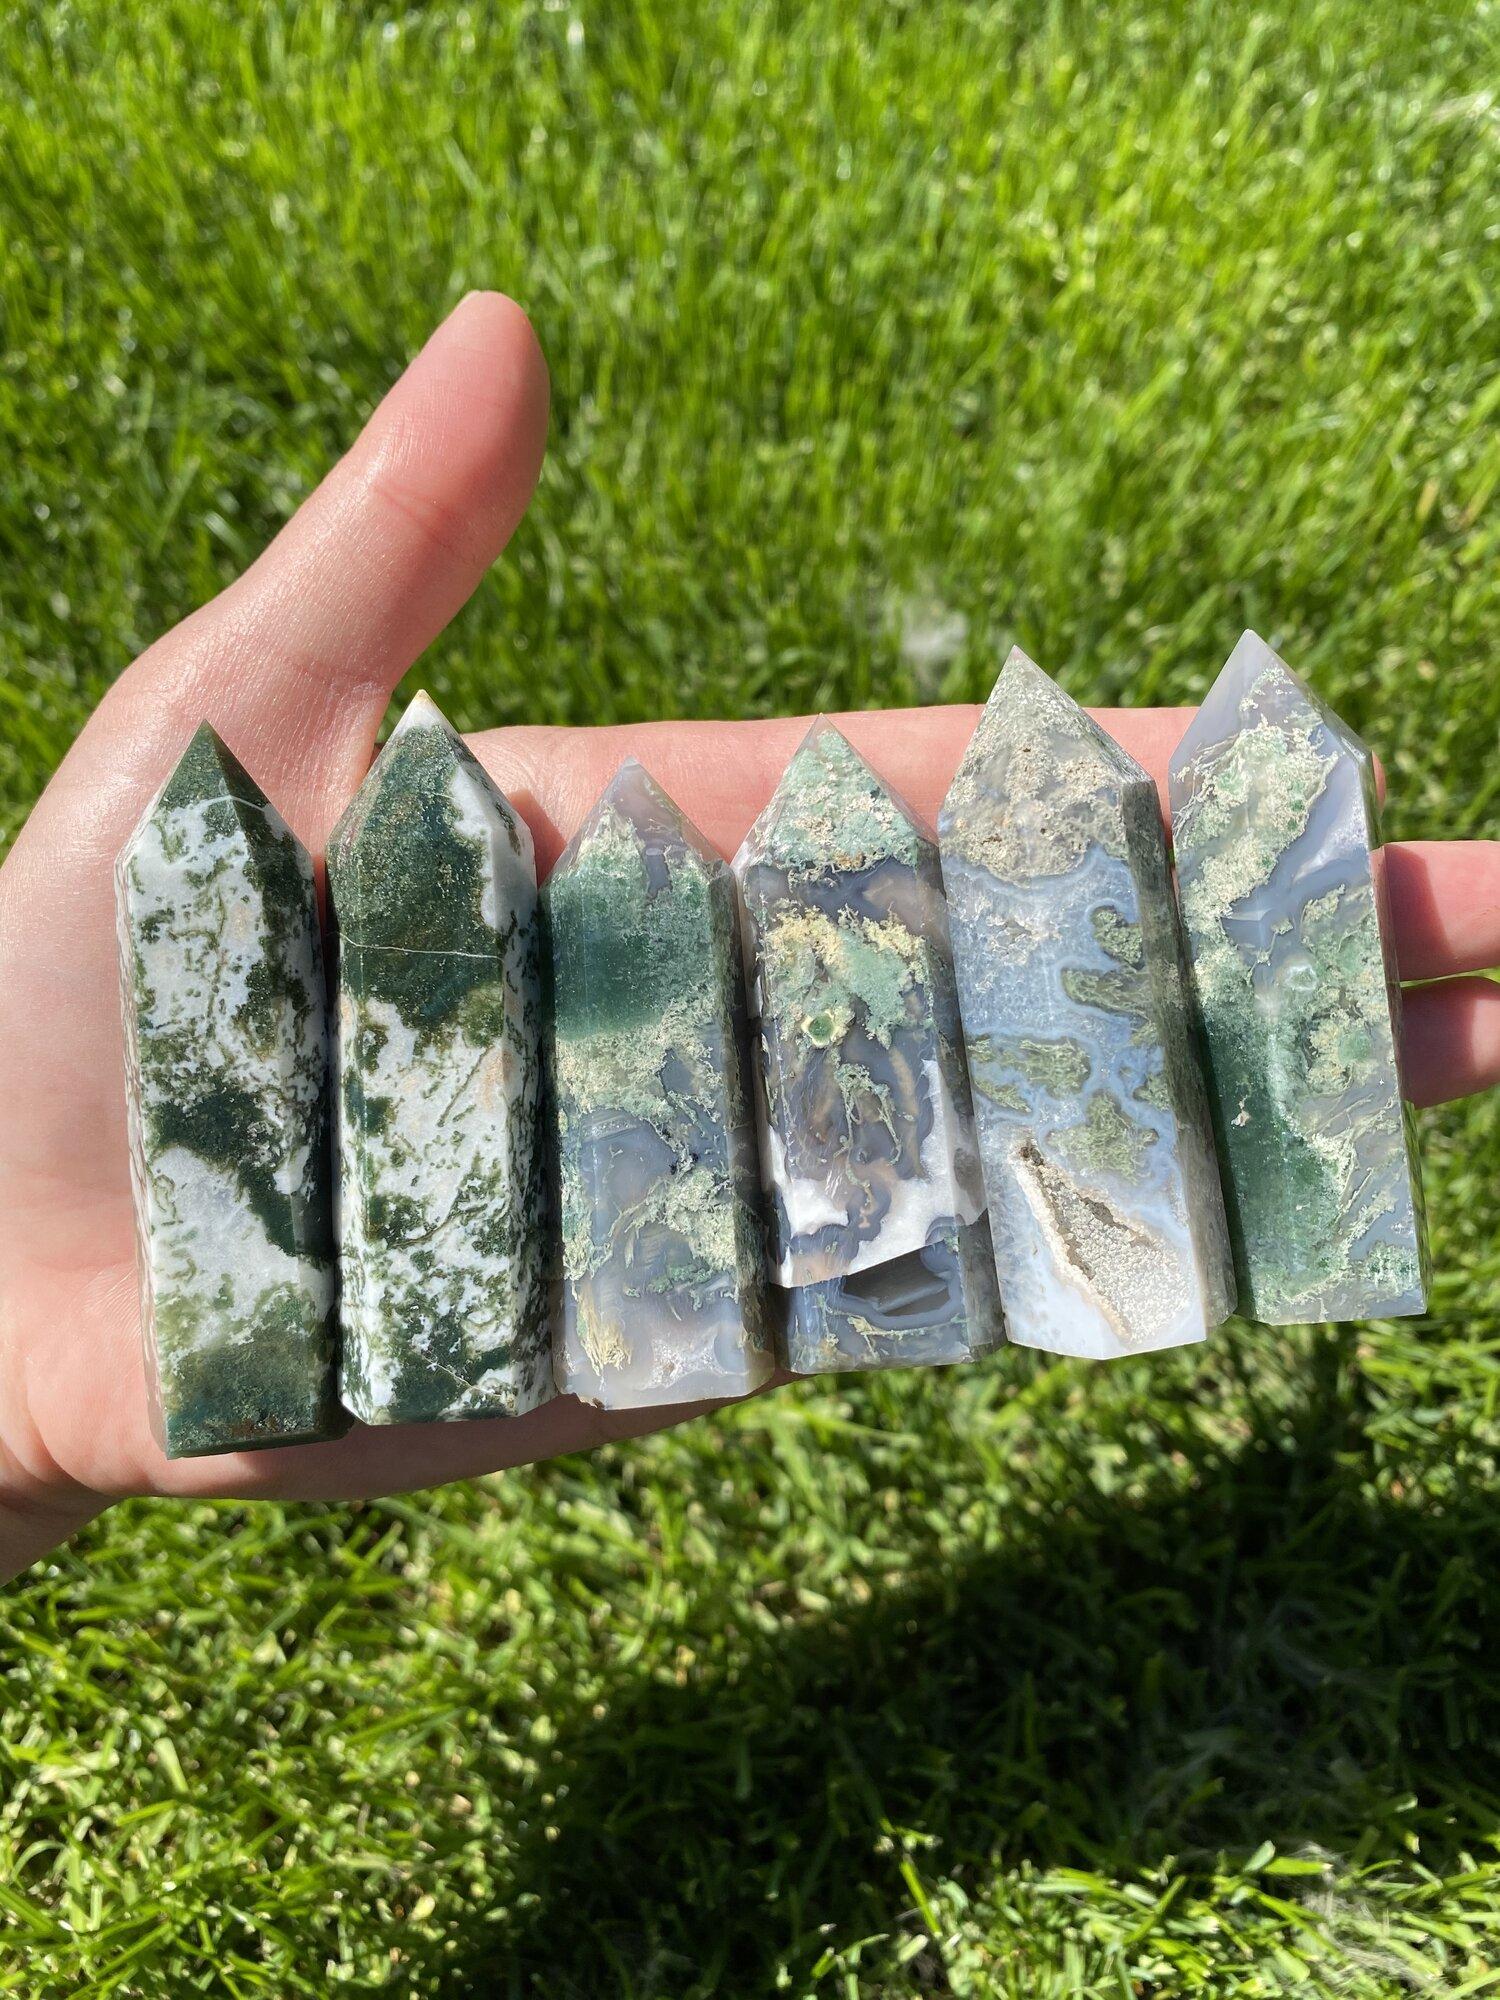 Moss Agate Baguette Shape Gems Moss Agate Stone 27x47x5 mm Natural Moss Agate Moss Agate Gemstone